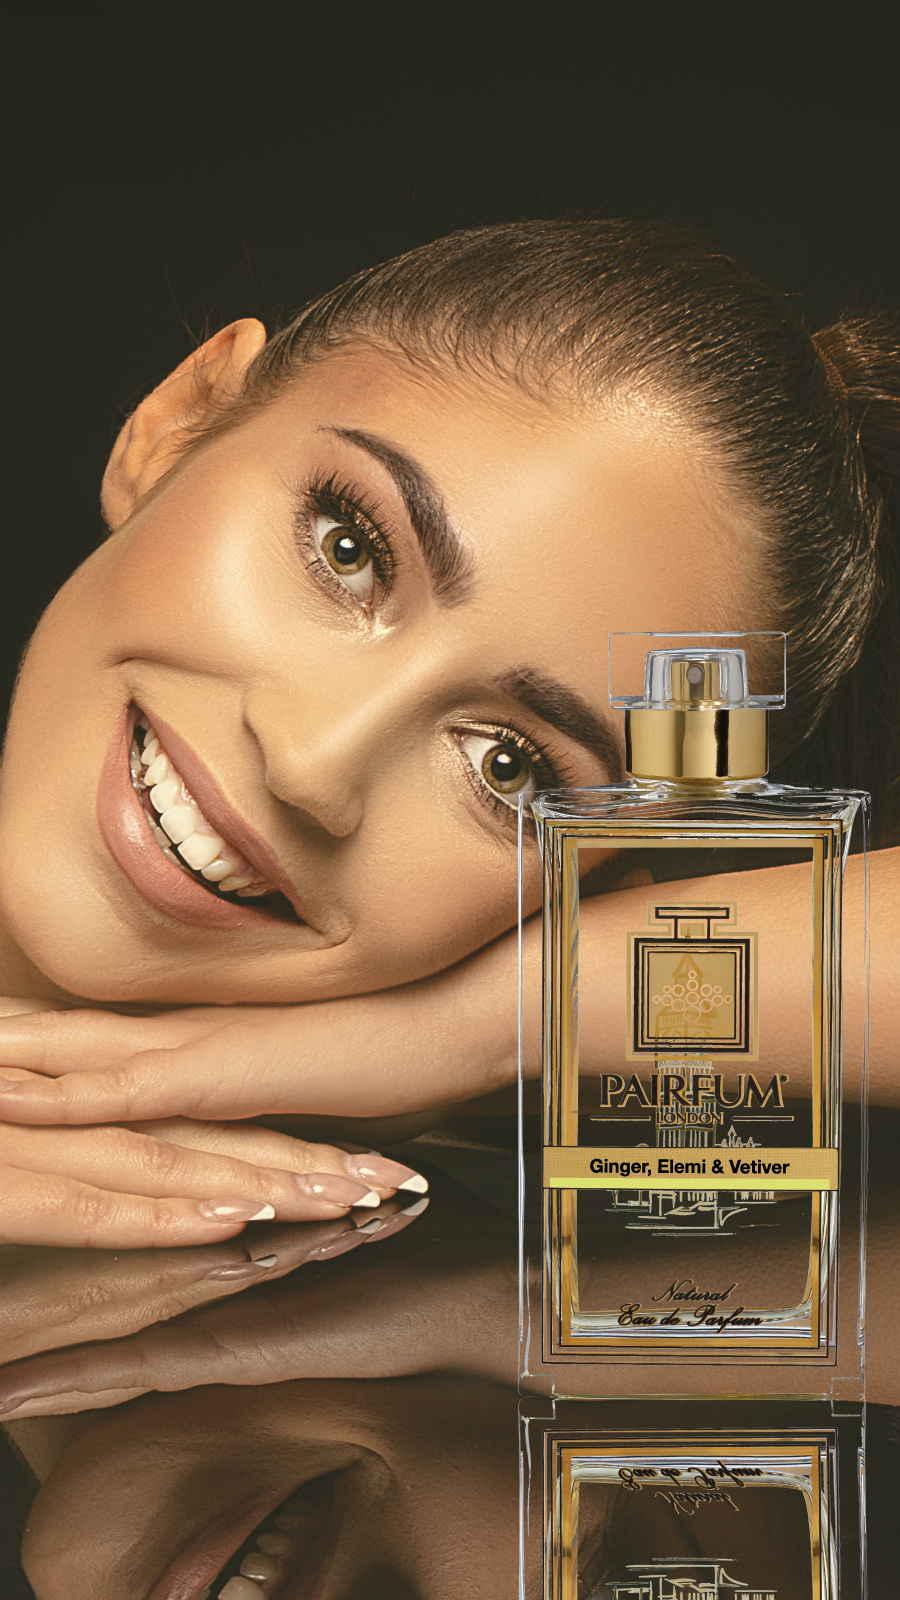 Eau De Parfum Person Reflection Ginger Elemi Vetiver Woman Smile 9 16